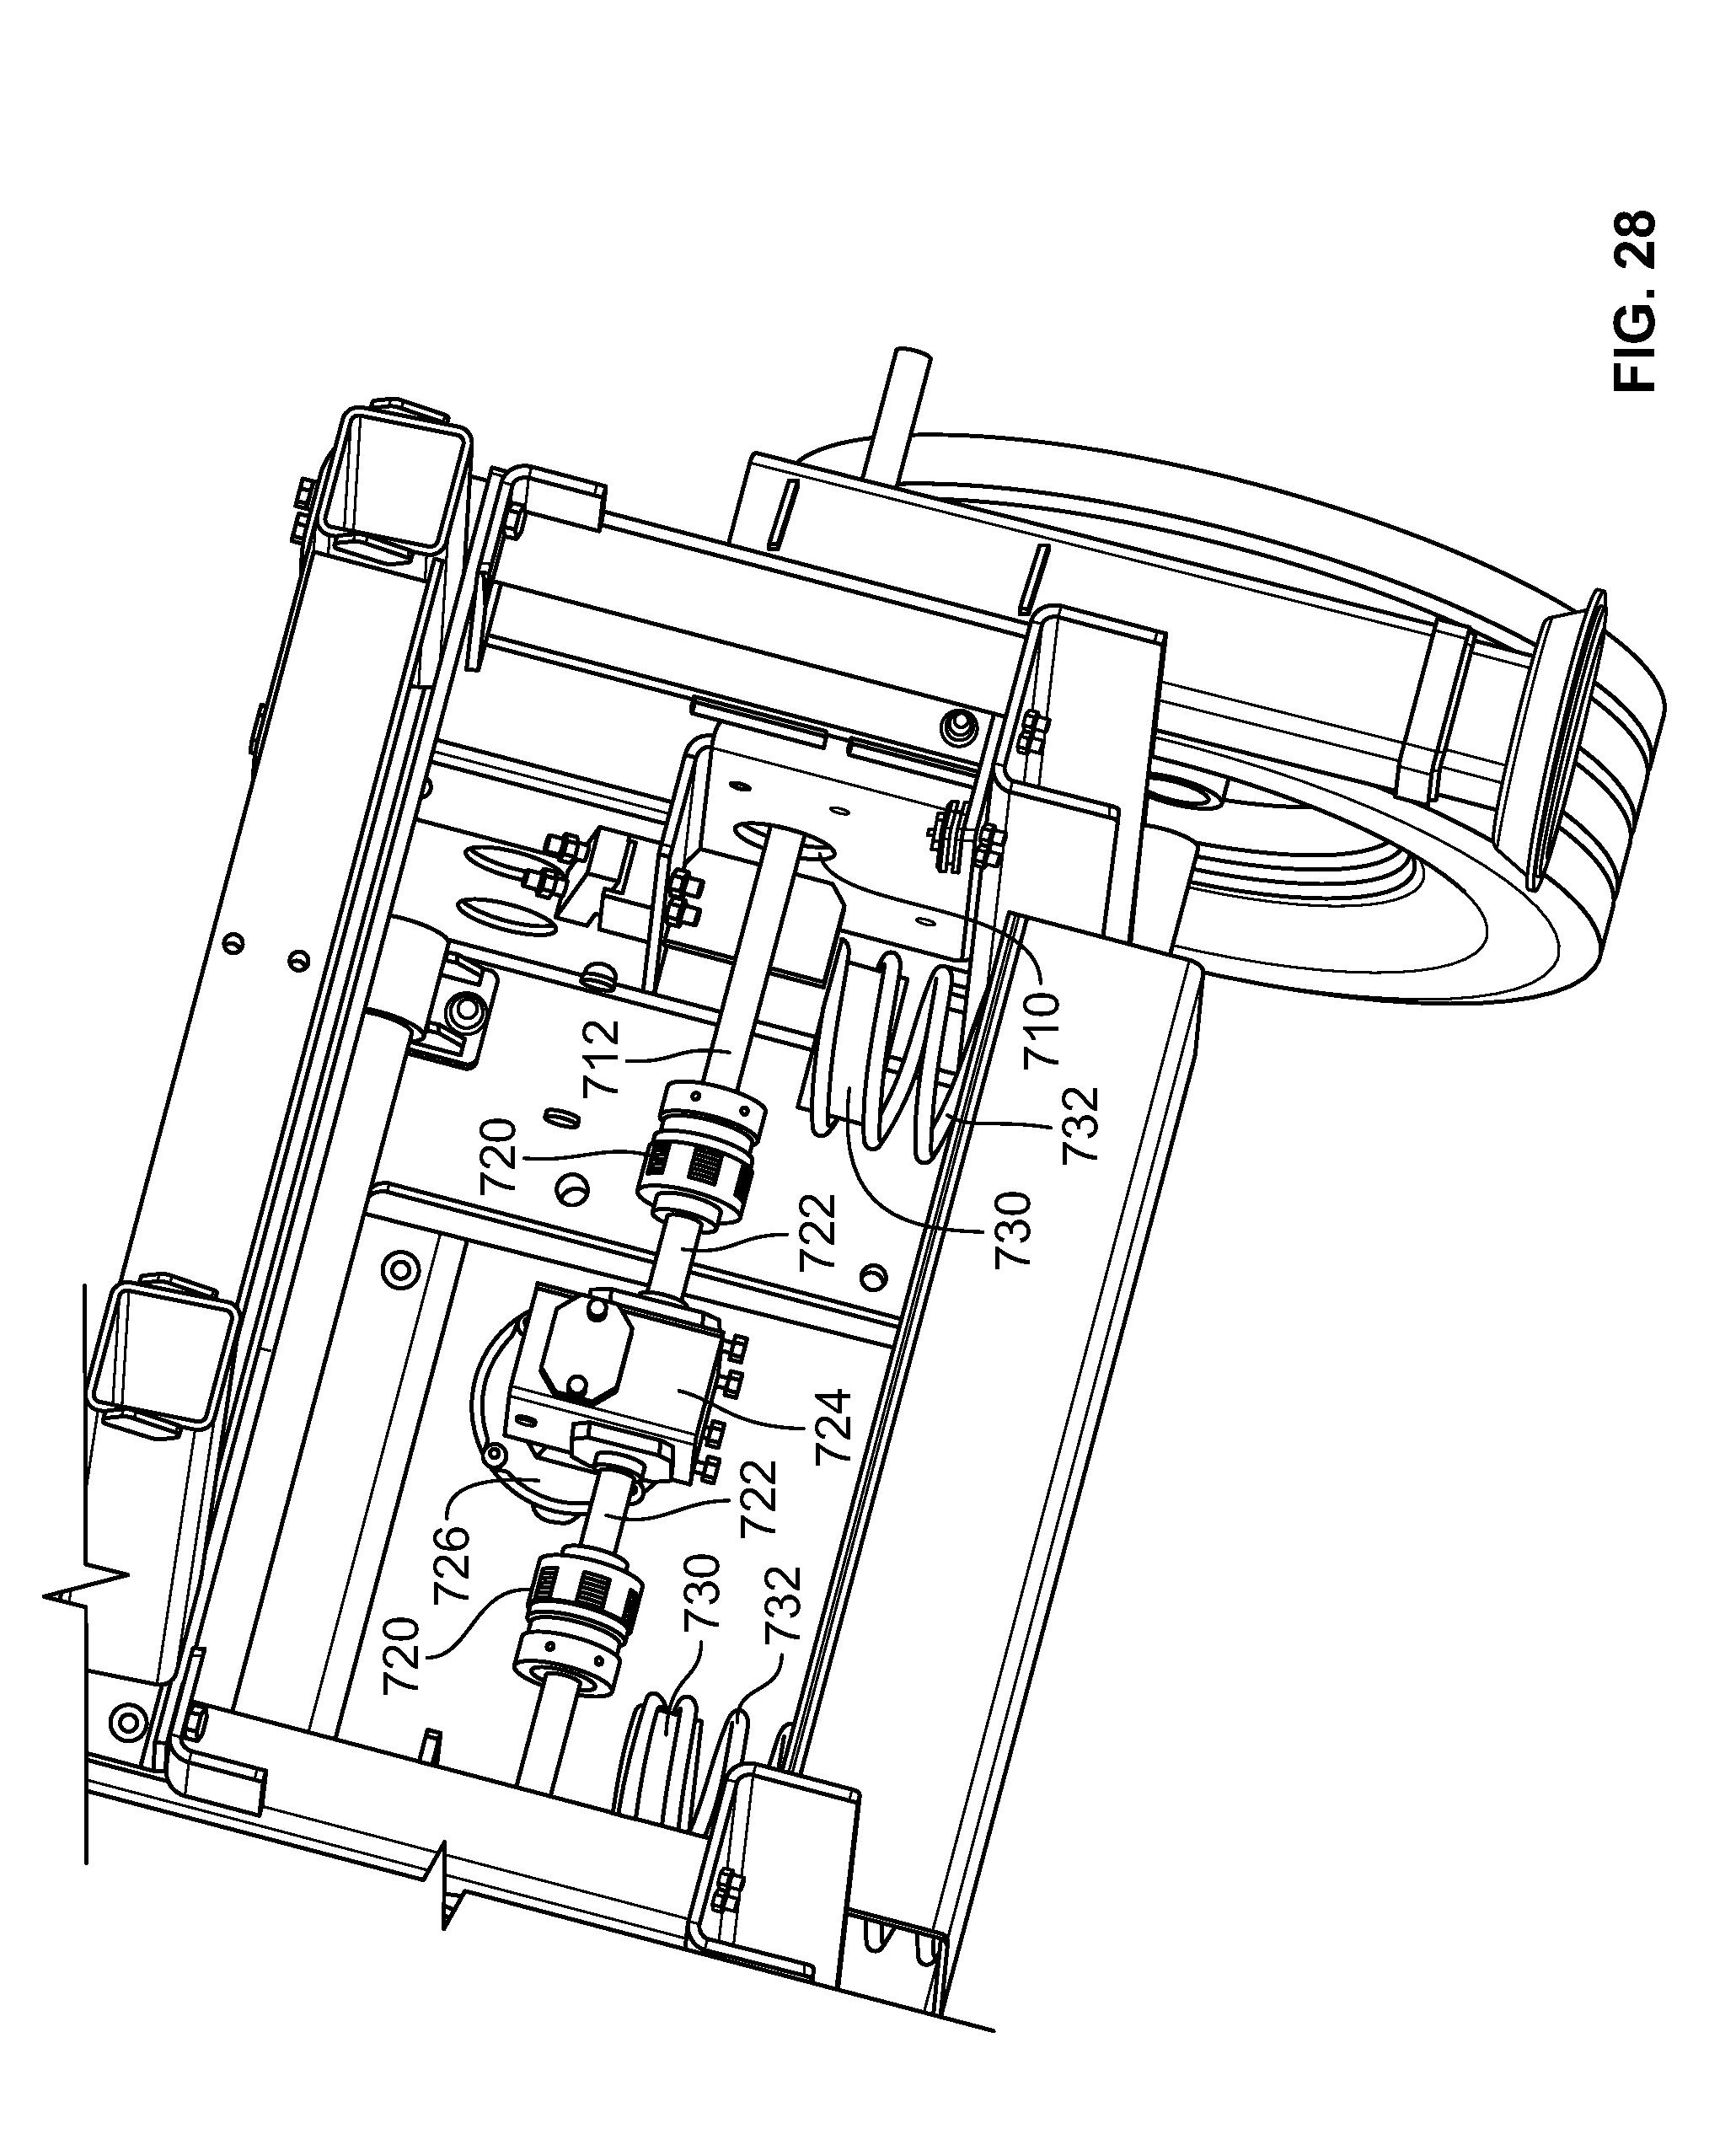 1066 International Wiring Diagram Lighting, 1066, Get Free